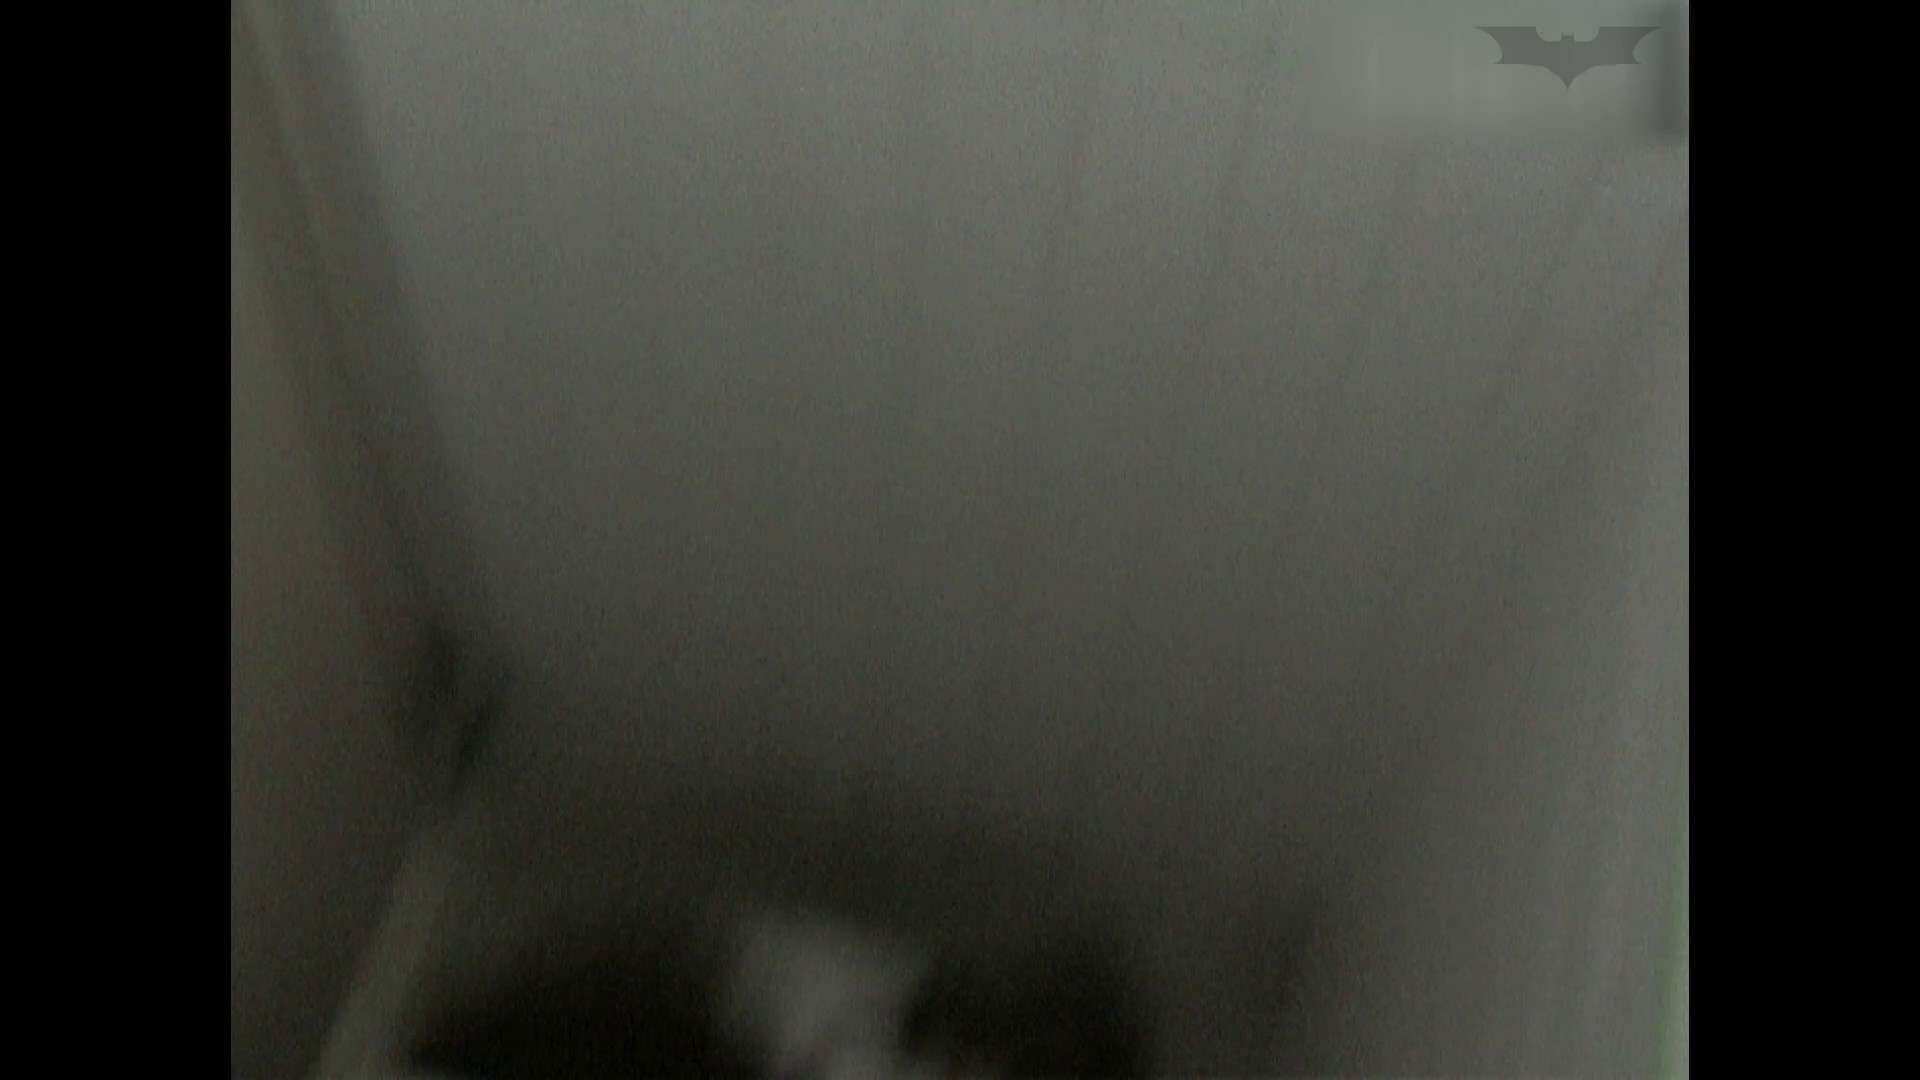 空爆特集!和式フロントツル4名期間限定神キタ!ツルピカの放nyo!Vol.09 OL女体  53連発 9